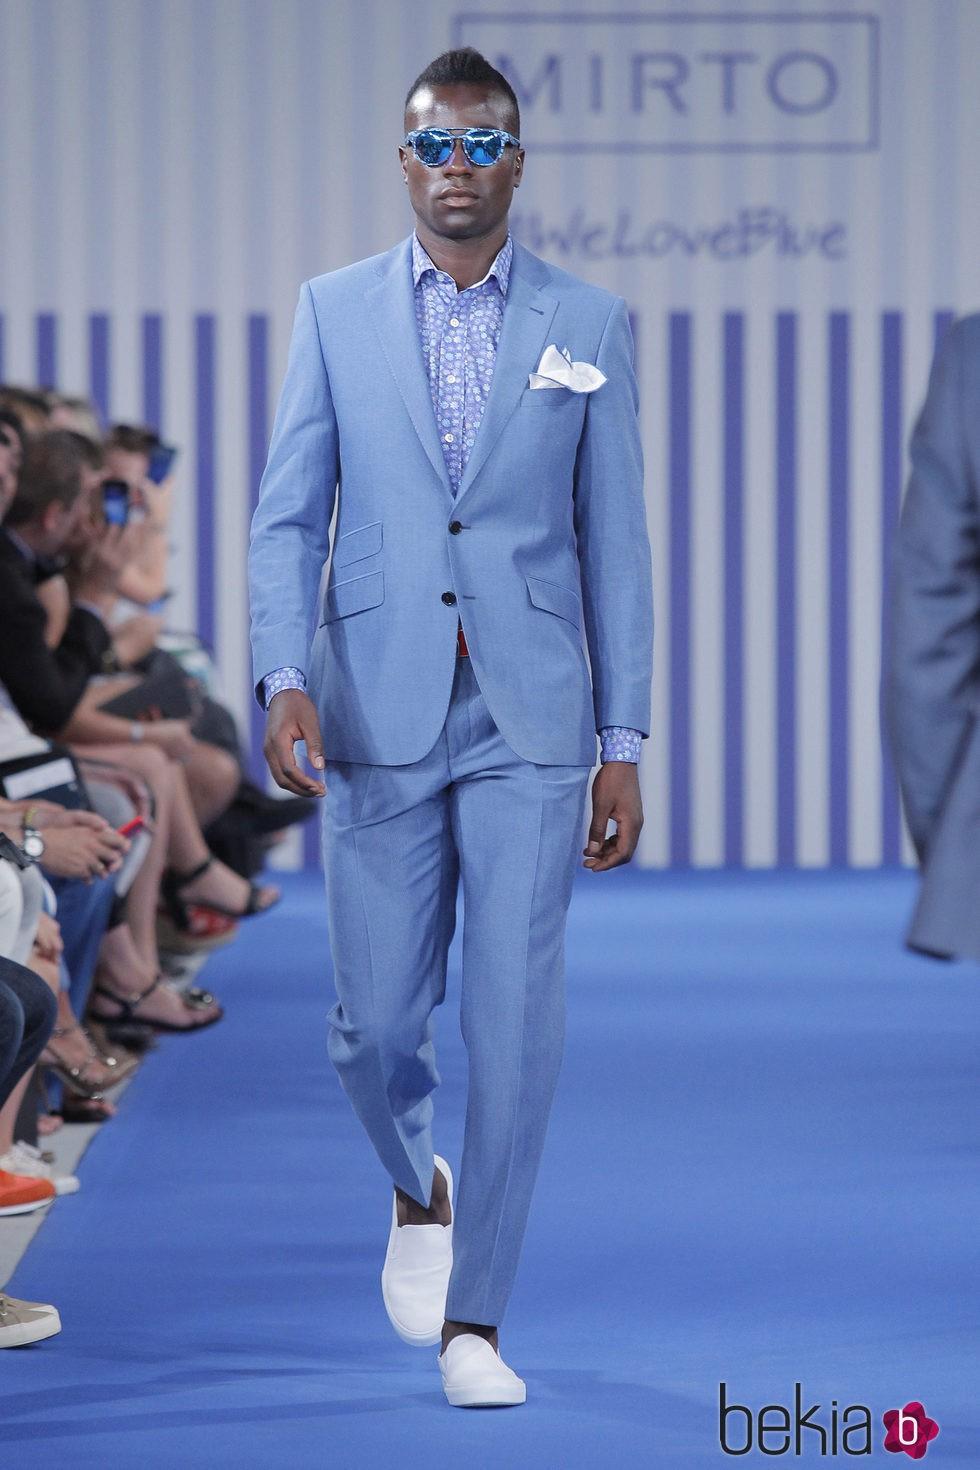 Corbatas para trajes azules. Por otro lado, sin duda, las corbatas más acertadas que puedes seleccionar para un traje de color azul marino son las negras, las rojas o las de color azul. En cuanto a las rojas, darán muchísima fuerza a tu look, dotándote de poderío y de mucho estilo.